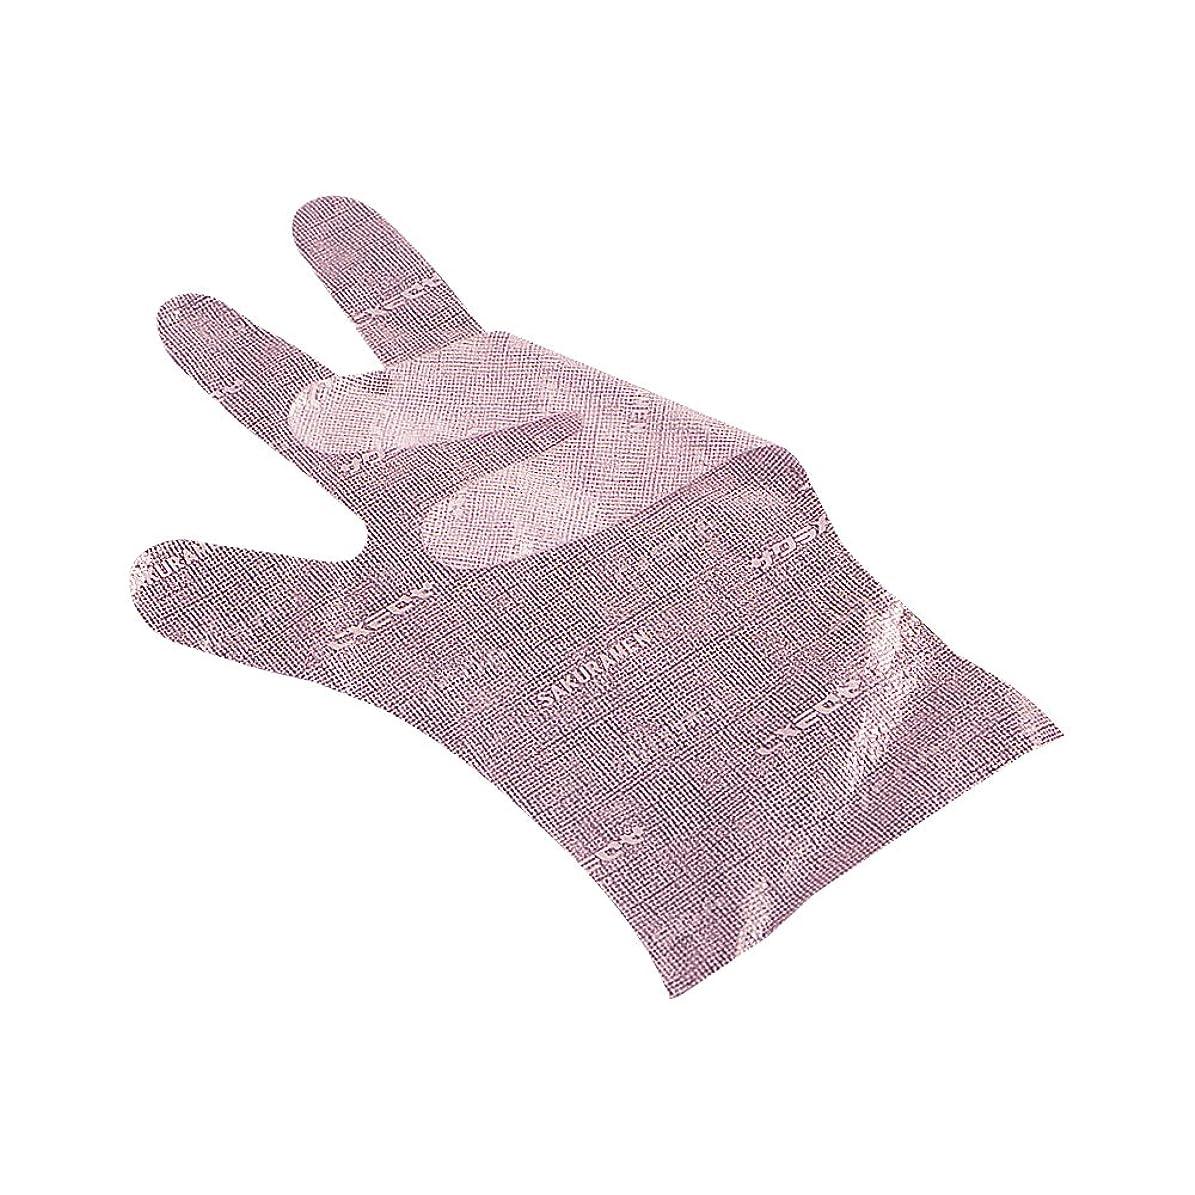 石化するインフルエンザ作曲家サクラメンエンボス手袋 デラックス ピンク L 100枚入